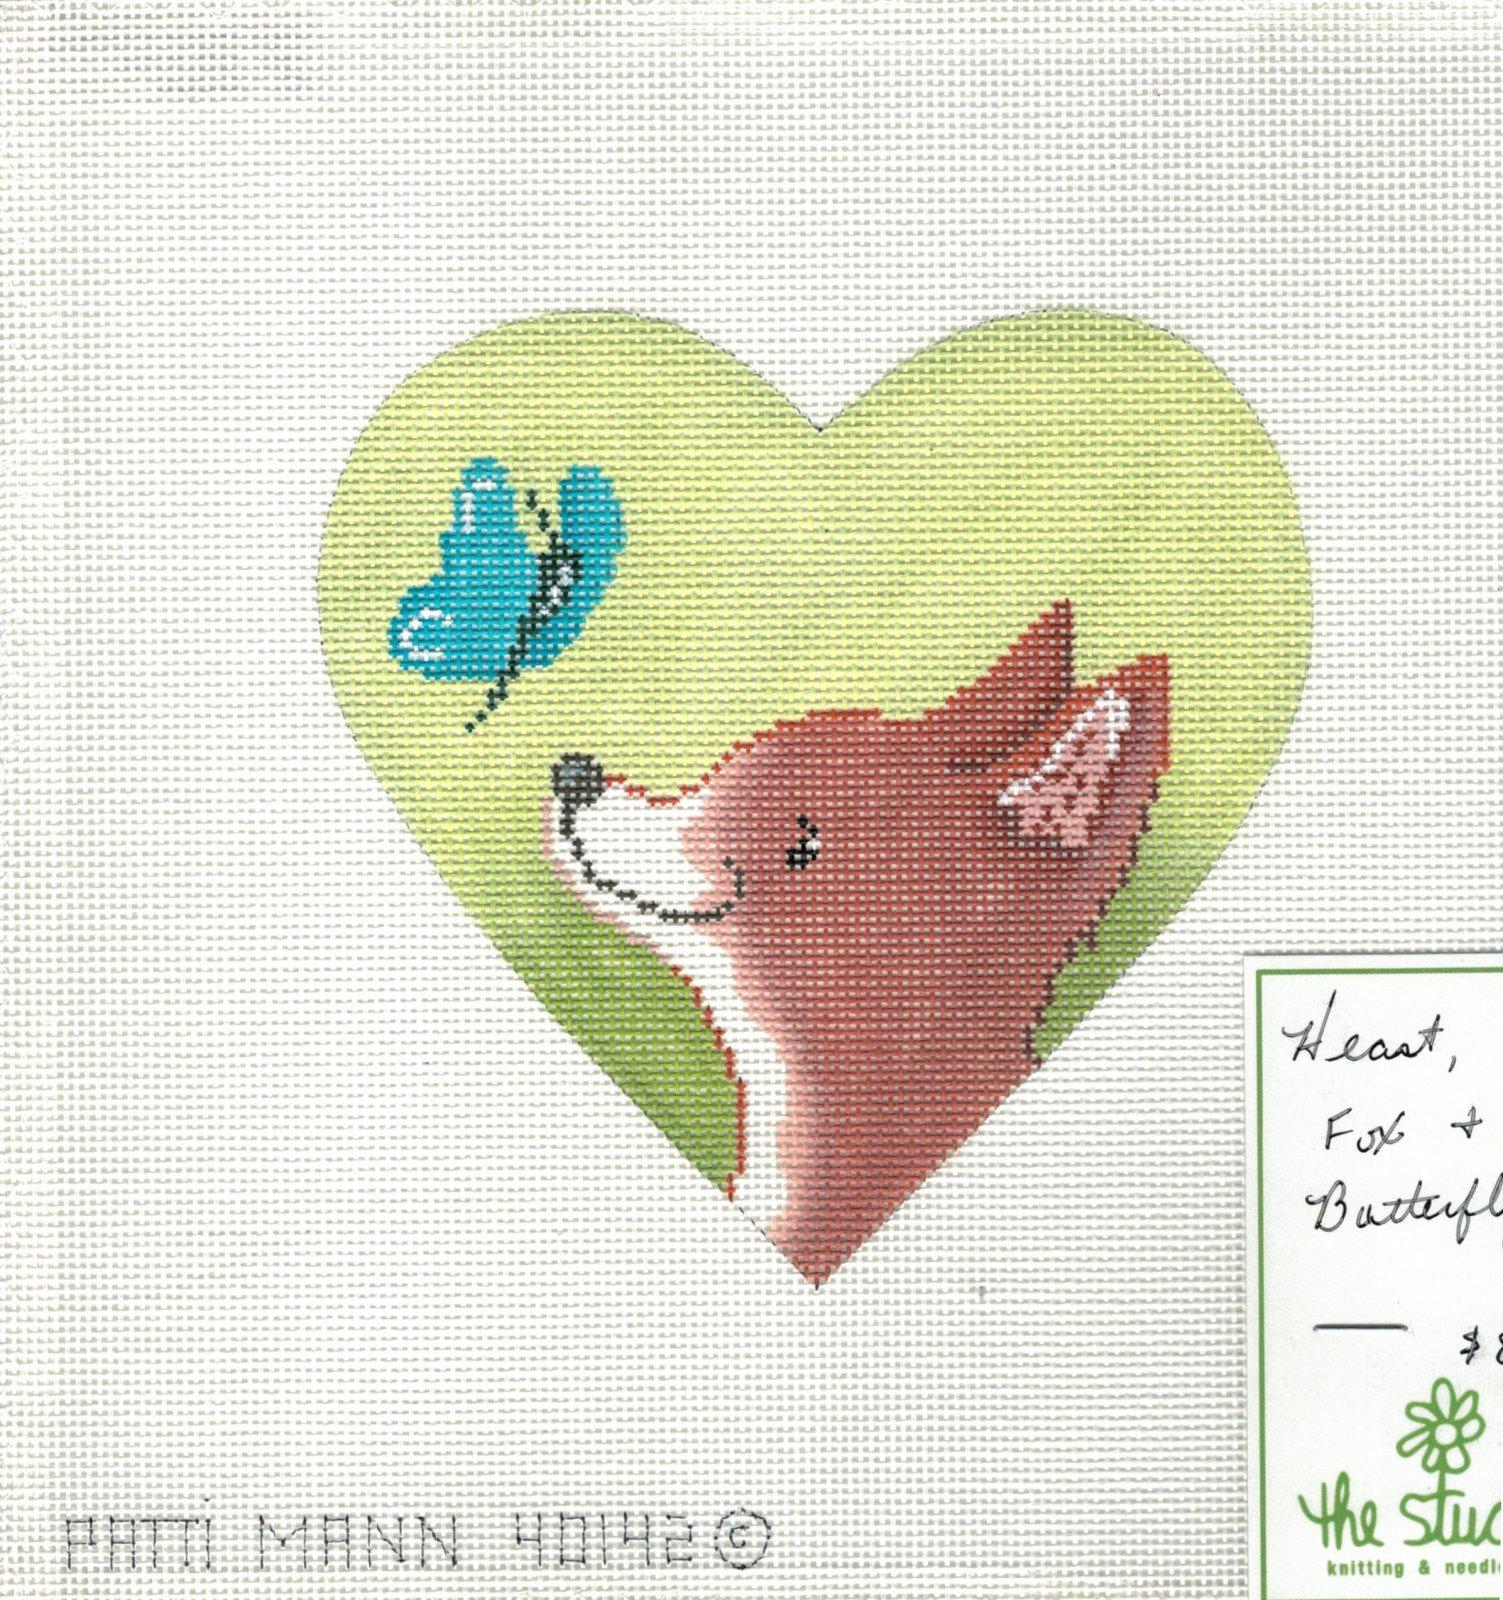 Heart, fox & butterfly